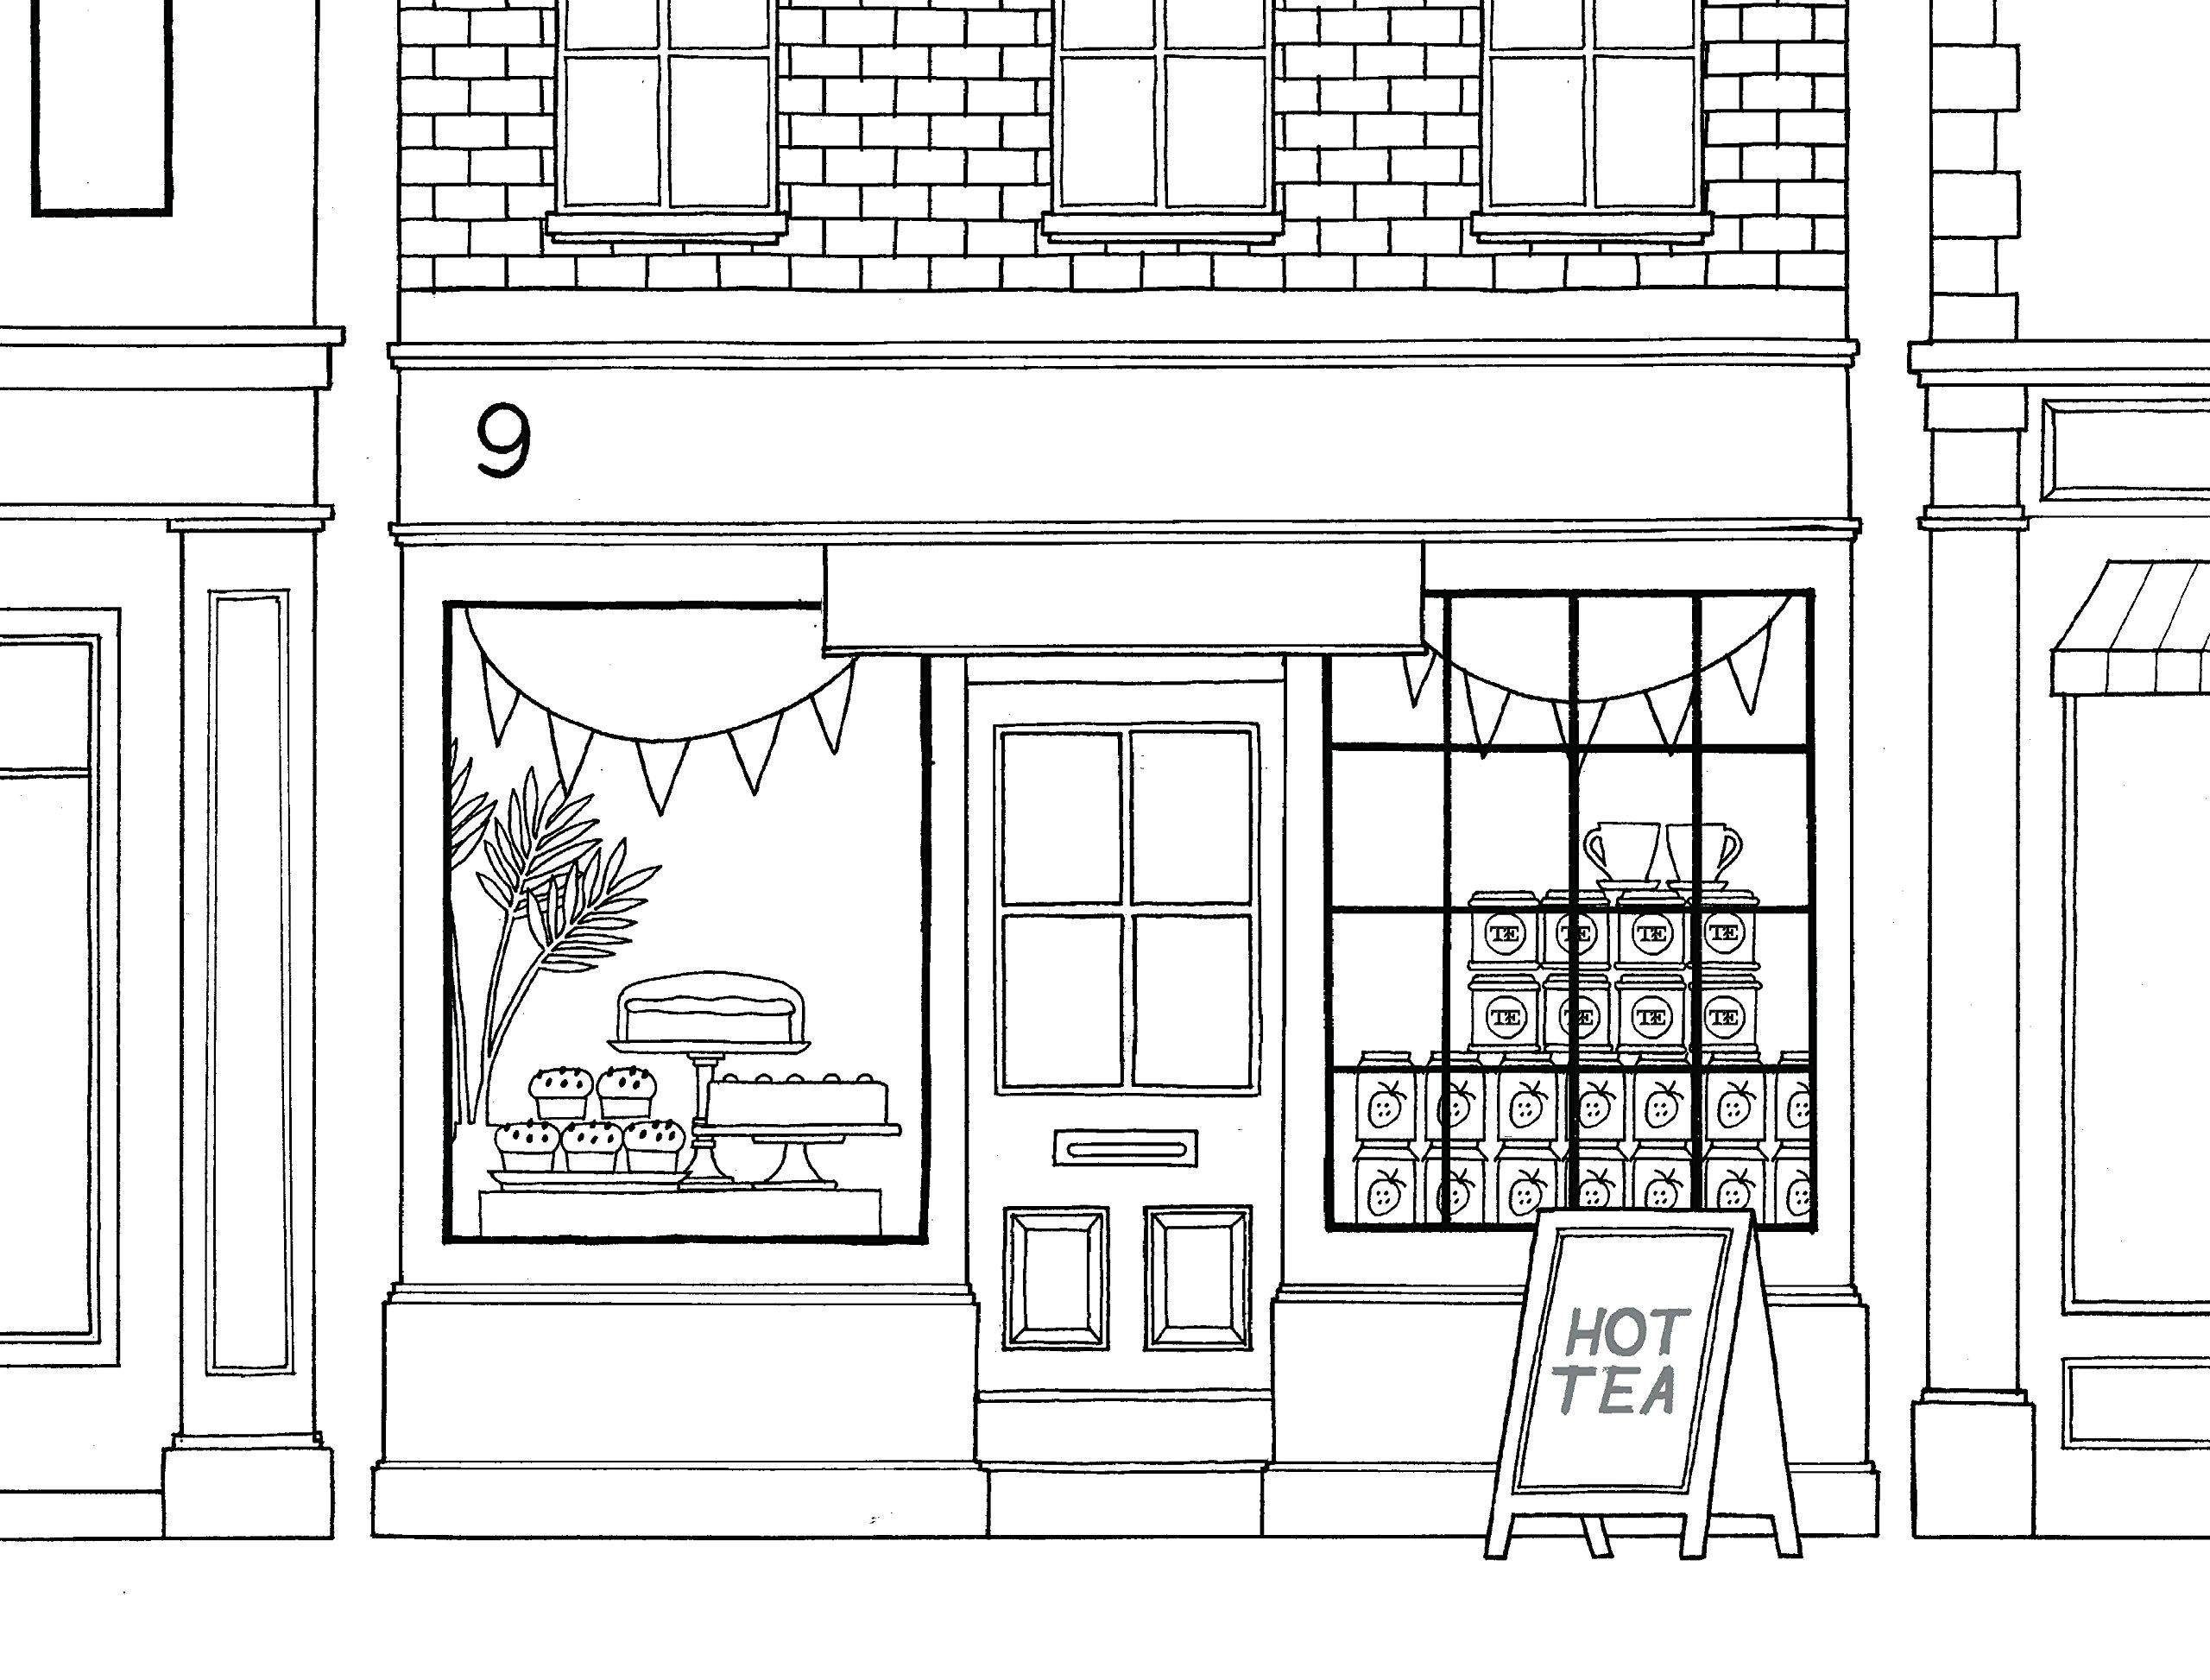 Раскраски сложные для взрослых антистресс  город «Кафе в лондоне», чтобы распечатать